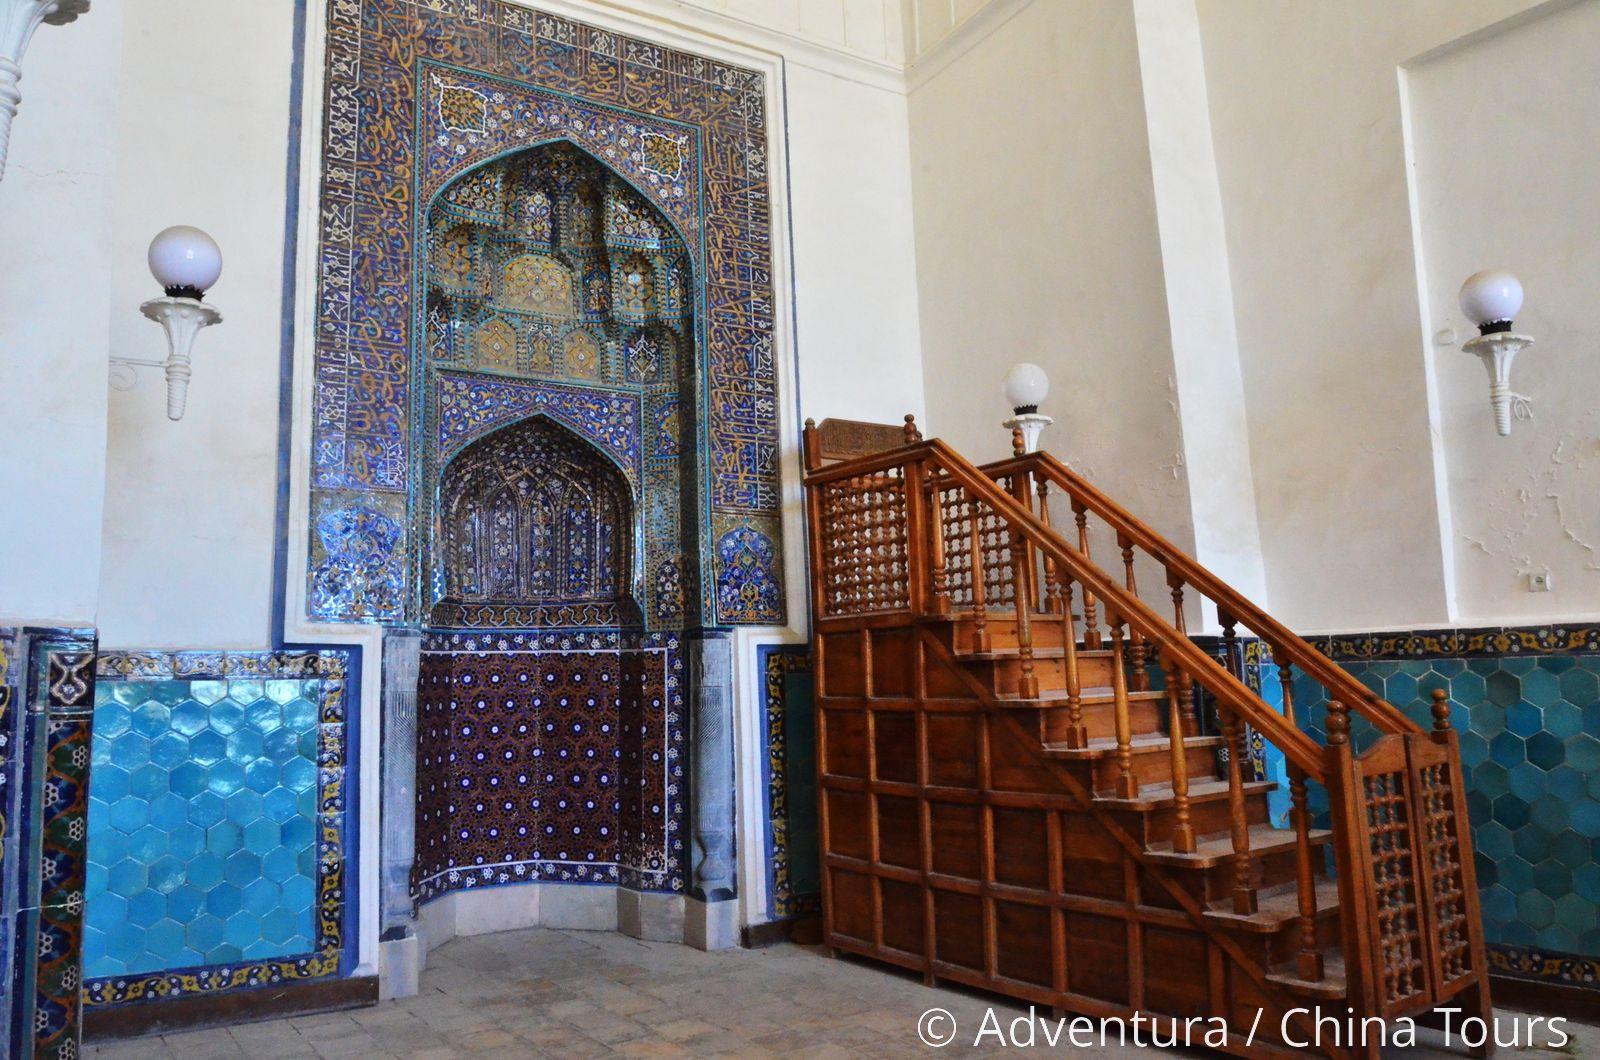 минбар в мечети картинка